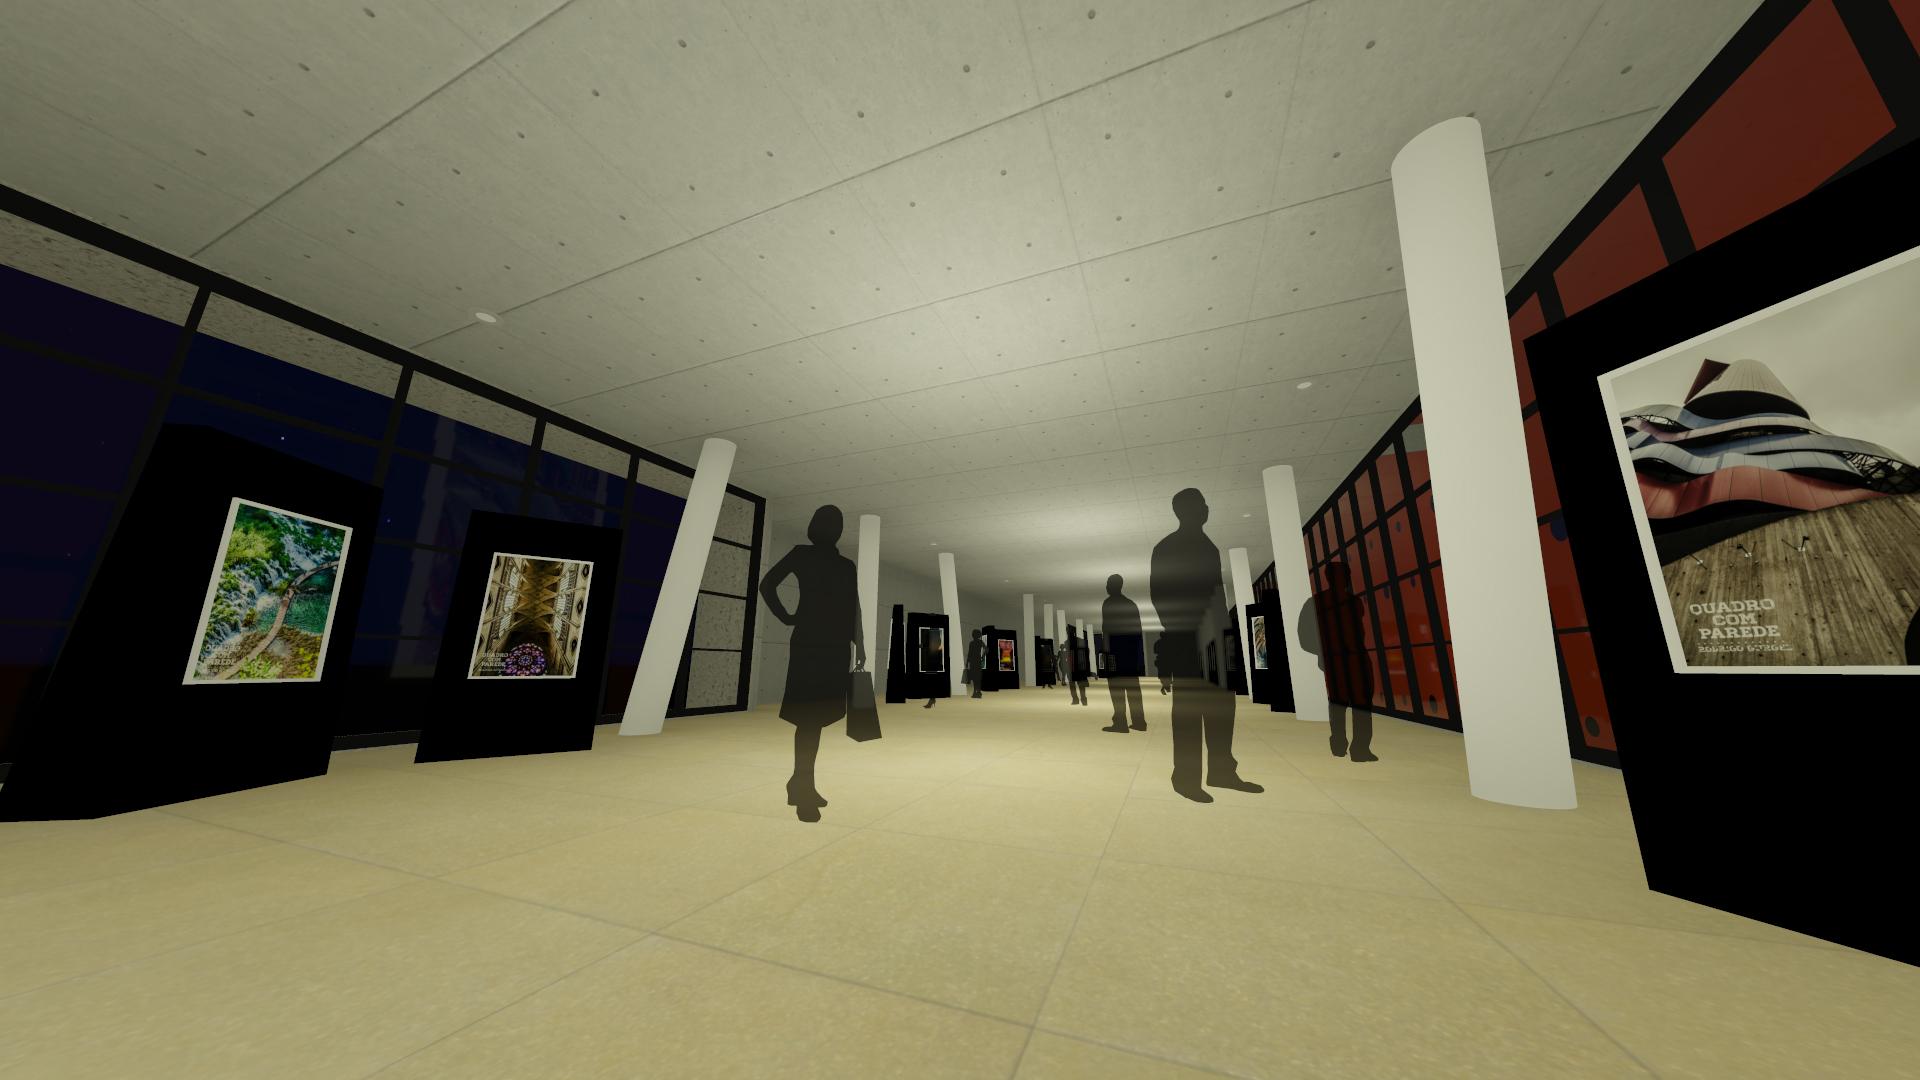 projeto-arquitetonico-museumacaiba-duo-arquitetura-019.jpg